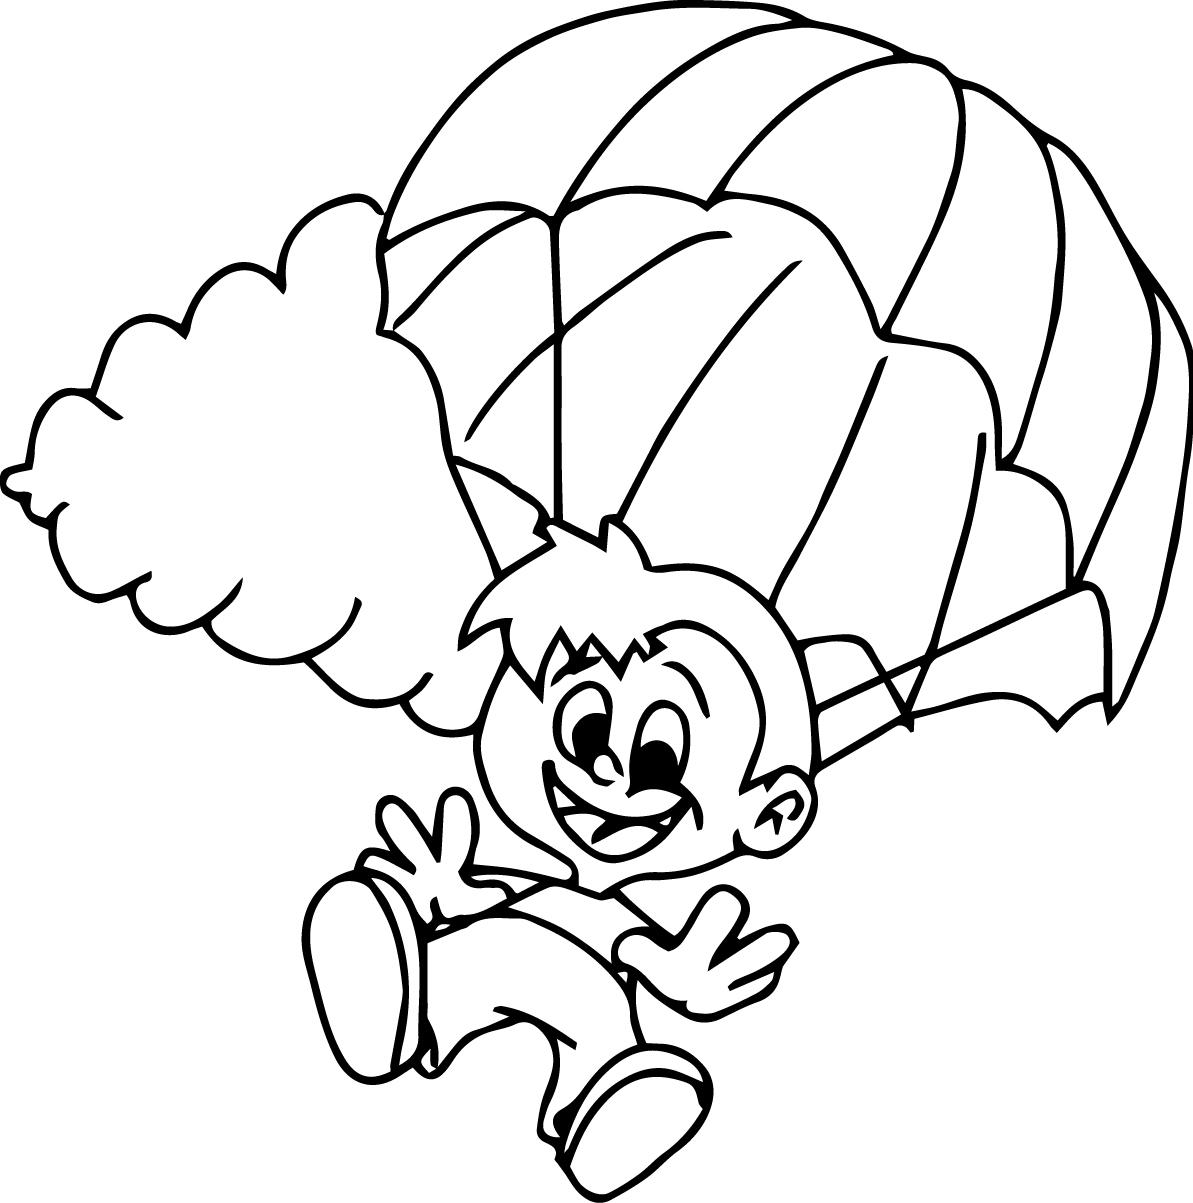 Parachute Drawing At Getdrawings